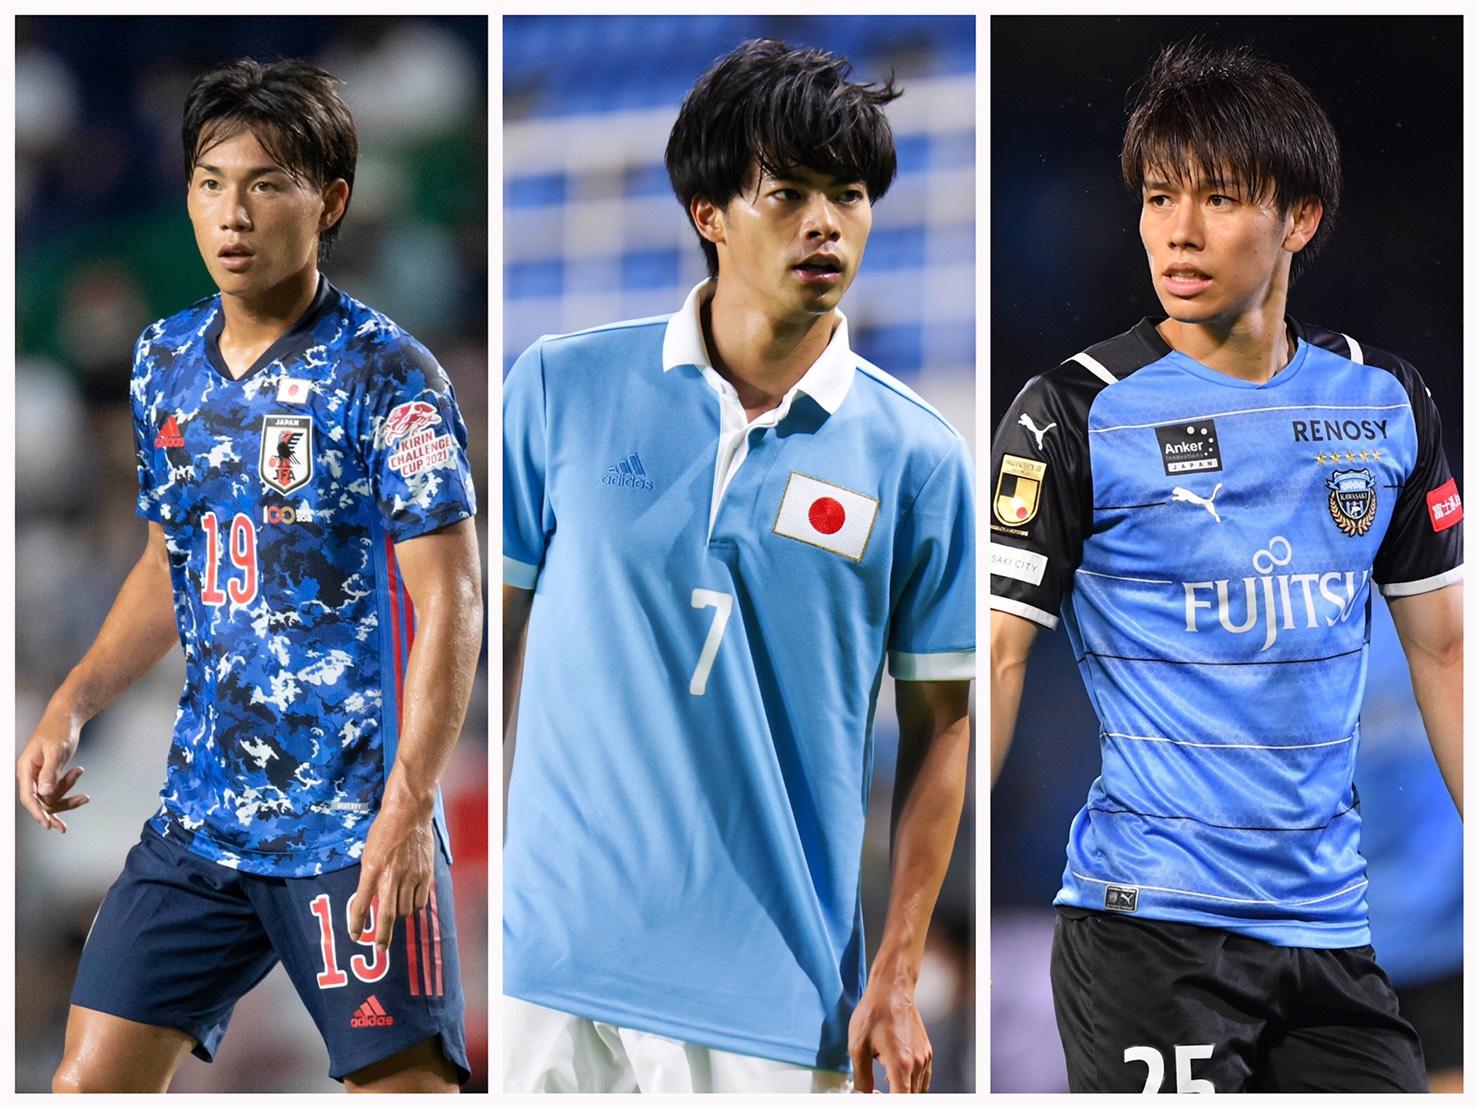 【サッカー日本VSスペイン】五輪注目の「サッカー日本代表イケメン」選手3名